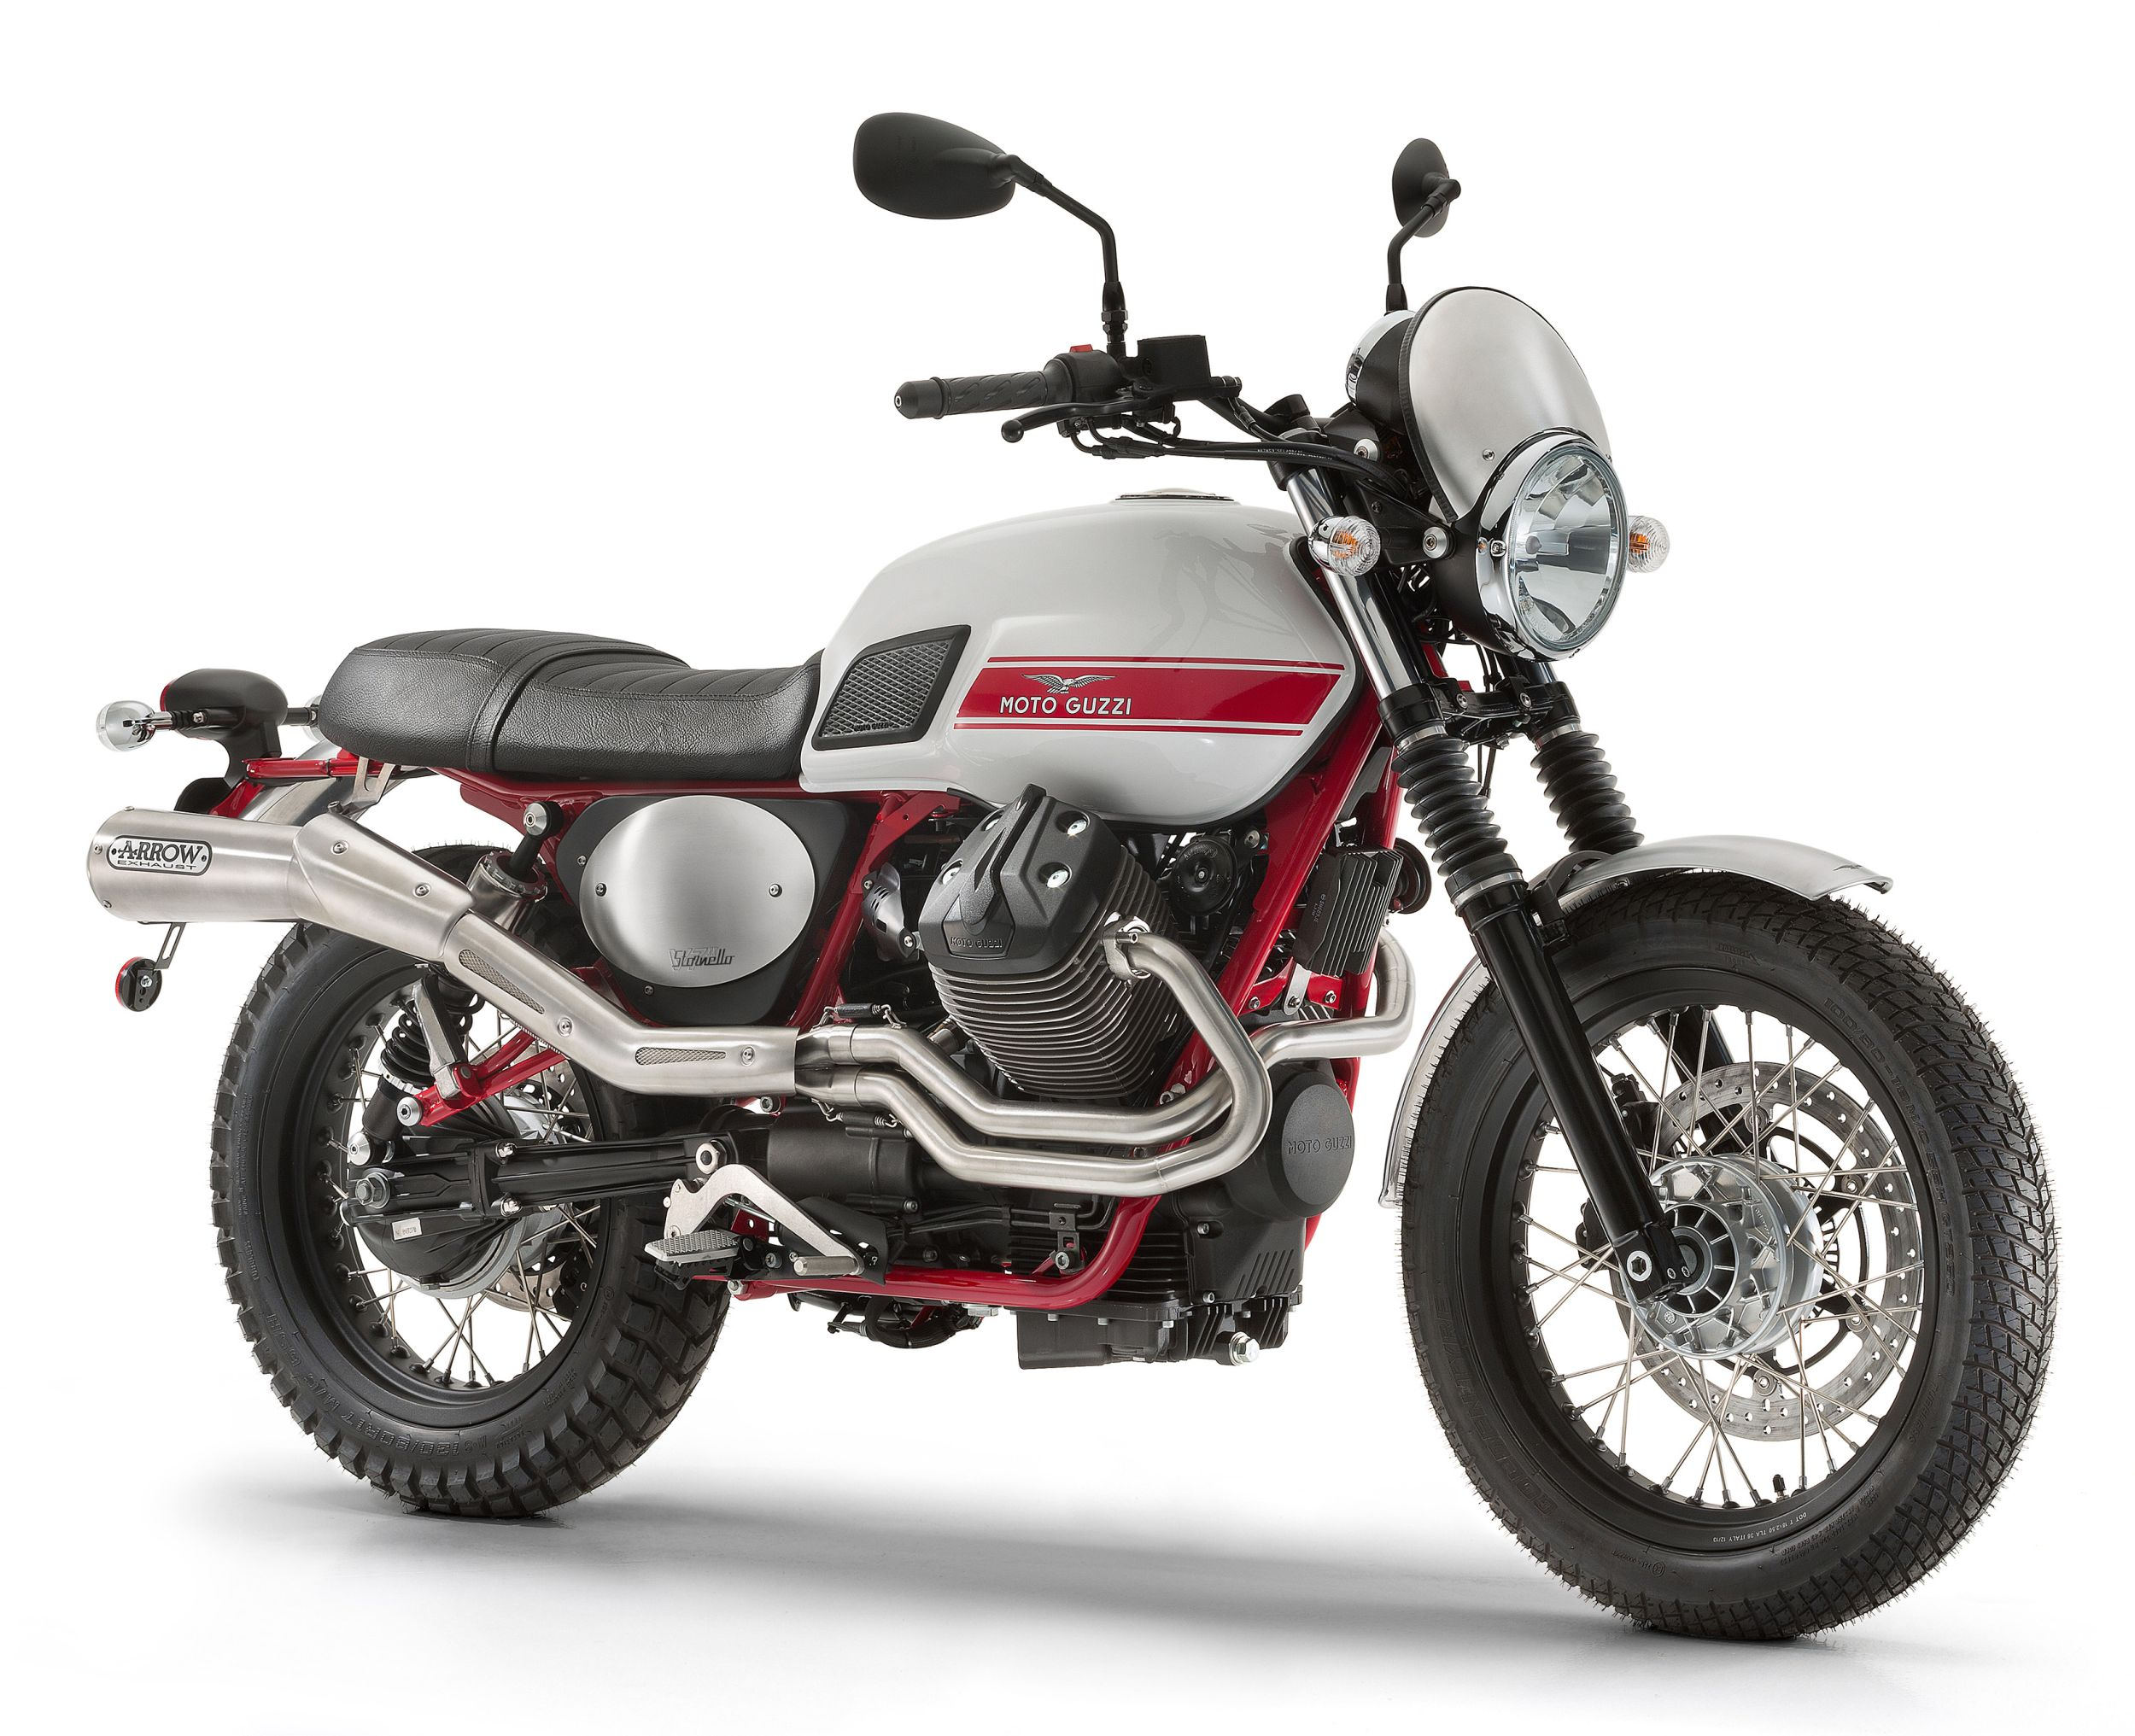 gebrauchte und neue moto guzzi v7 ii stornello motorr der kaufen. Black Bedroom Furniture Sets. Home Design Ideas